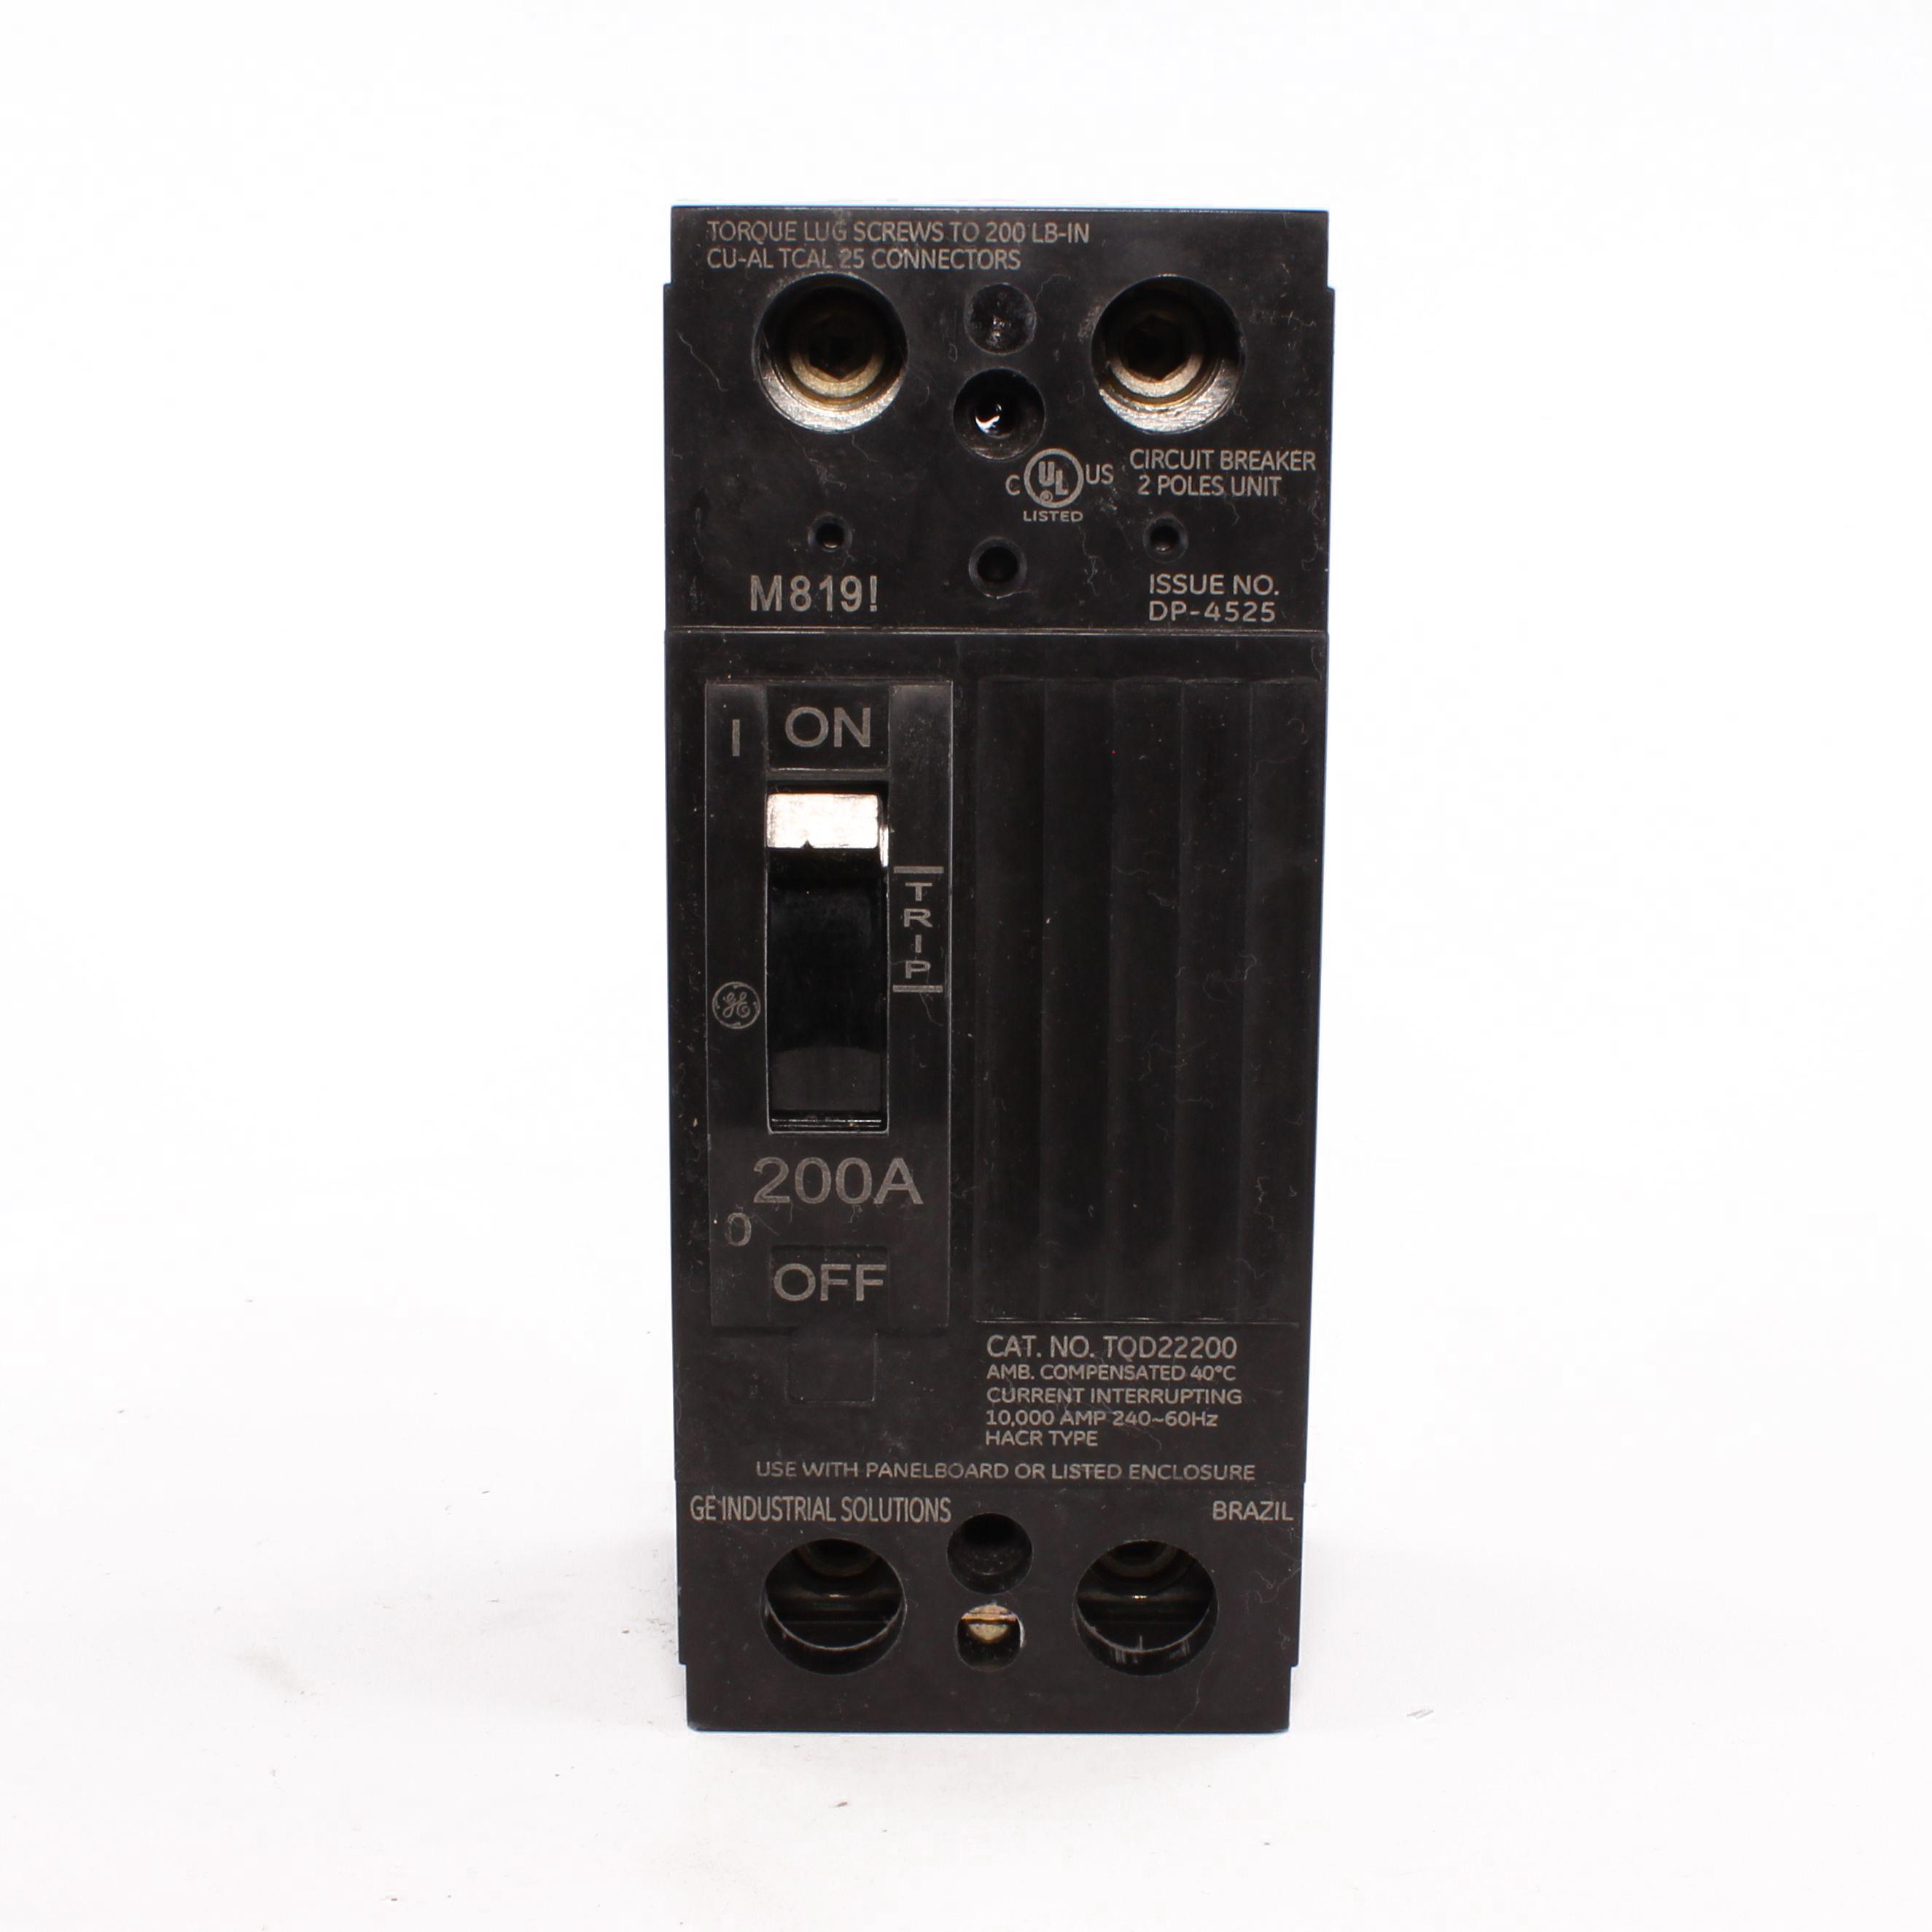 GETQD22200WL